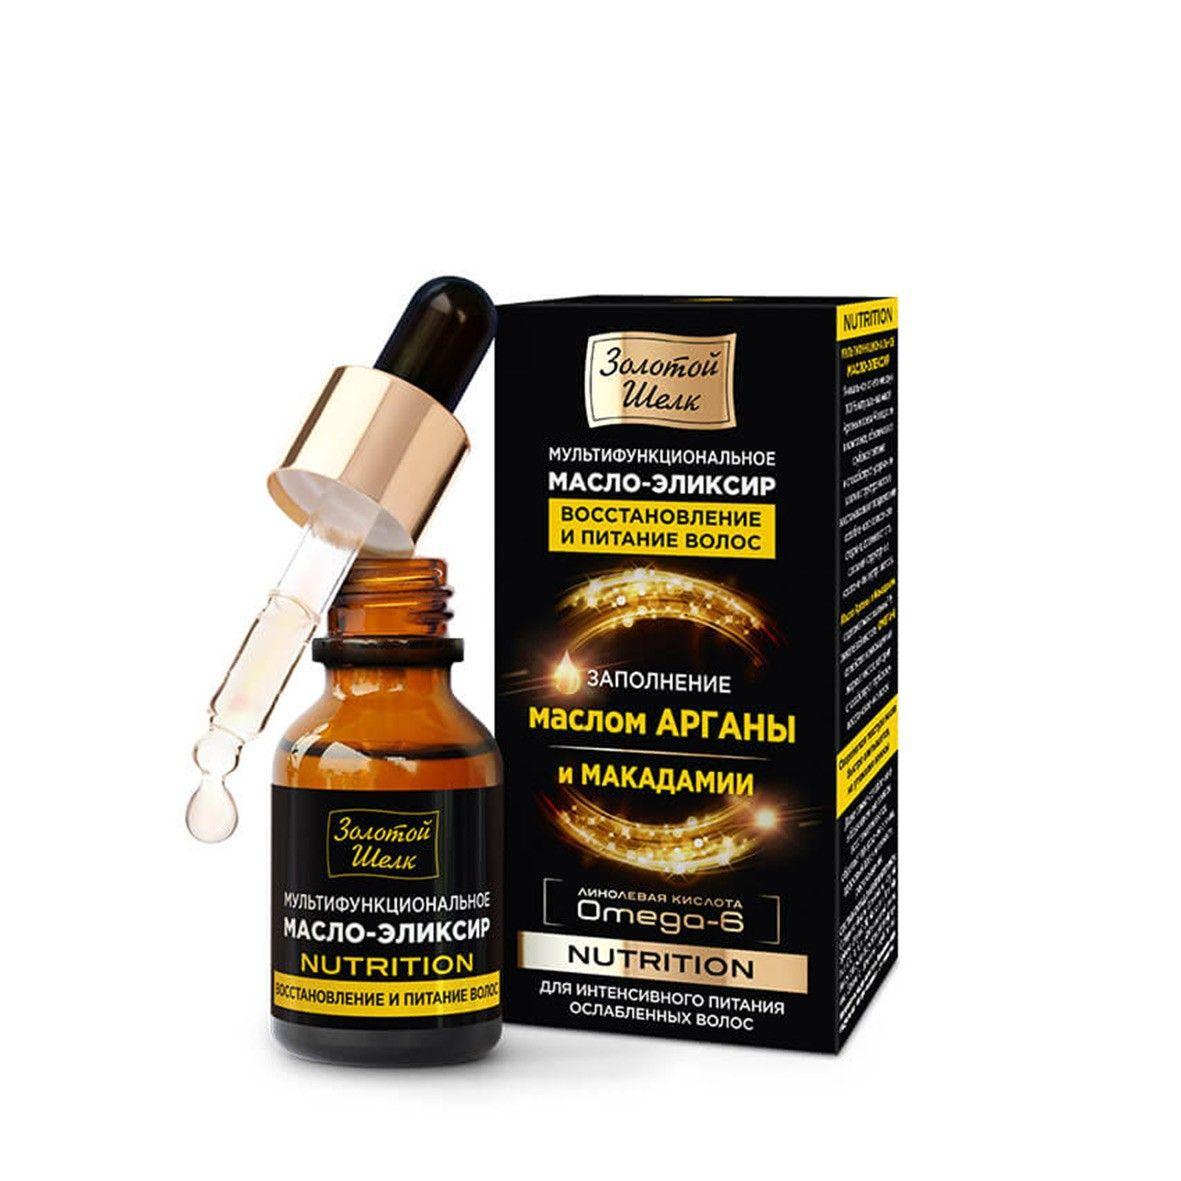 Золотой шелк масло-эликсир восстановление и питание волос, масло косметическое, 25 мл, 1шт.